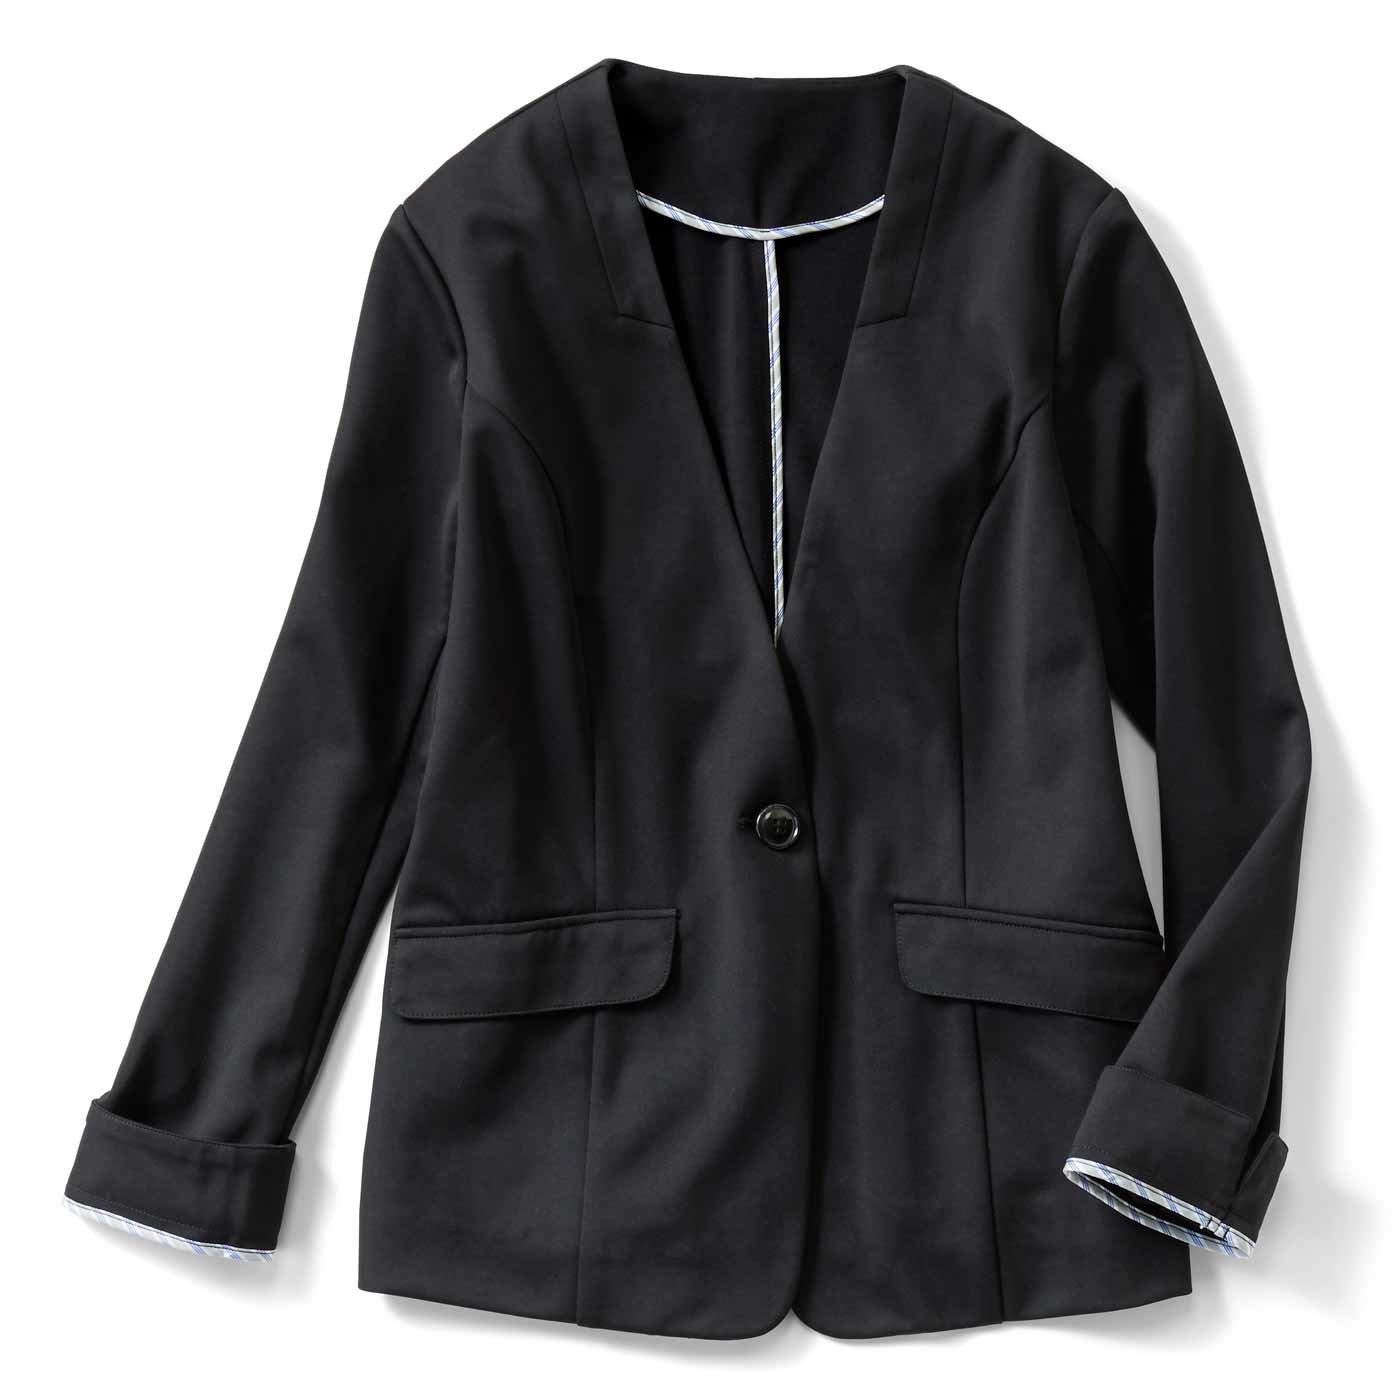 【3~10日でお届け】IEDIT[イディット] UVカット&接触冷感で着心地涼やかな 優秀バレエフィット(R)ジャケット〈ブラック〉